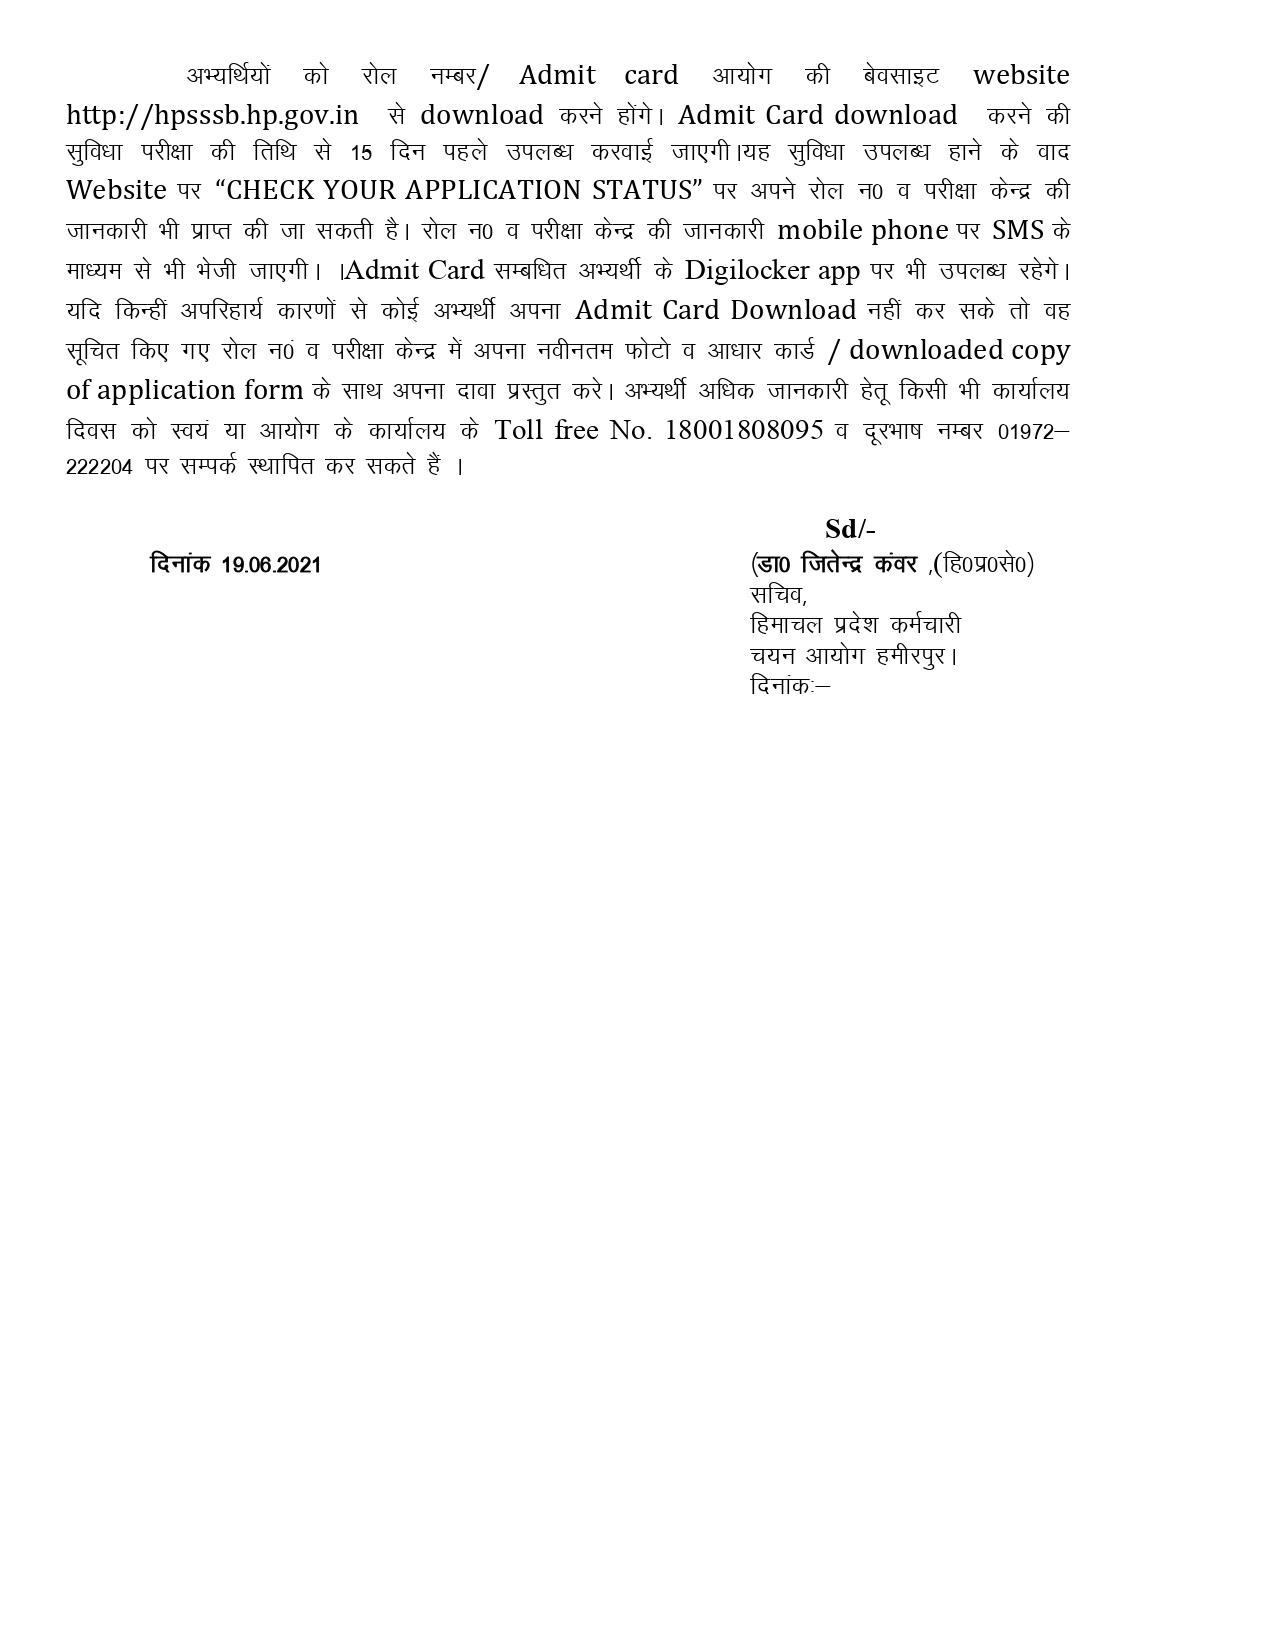 HPSSC Hamirpur written Exam new schedule 2021